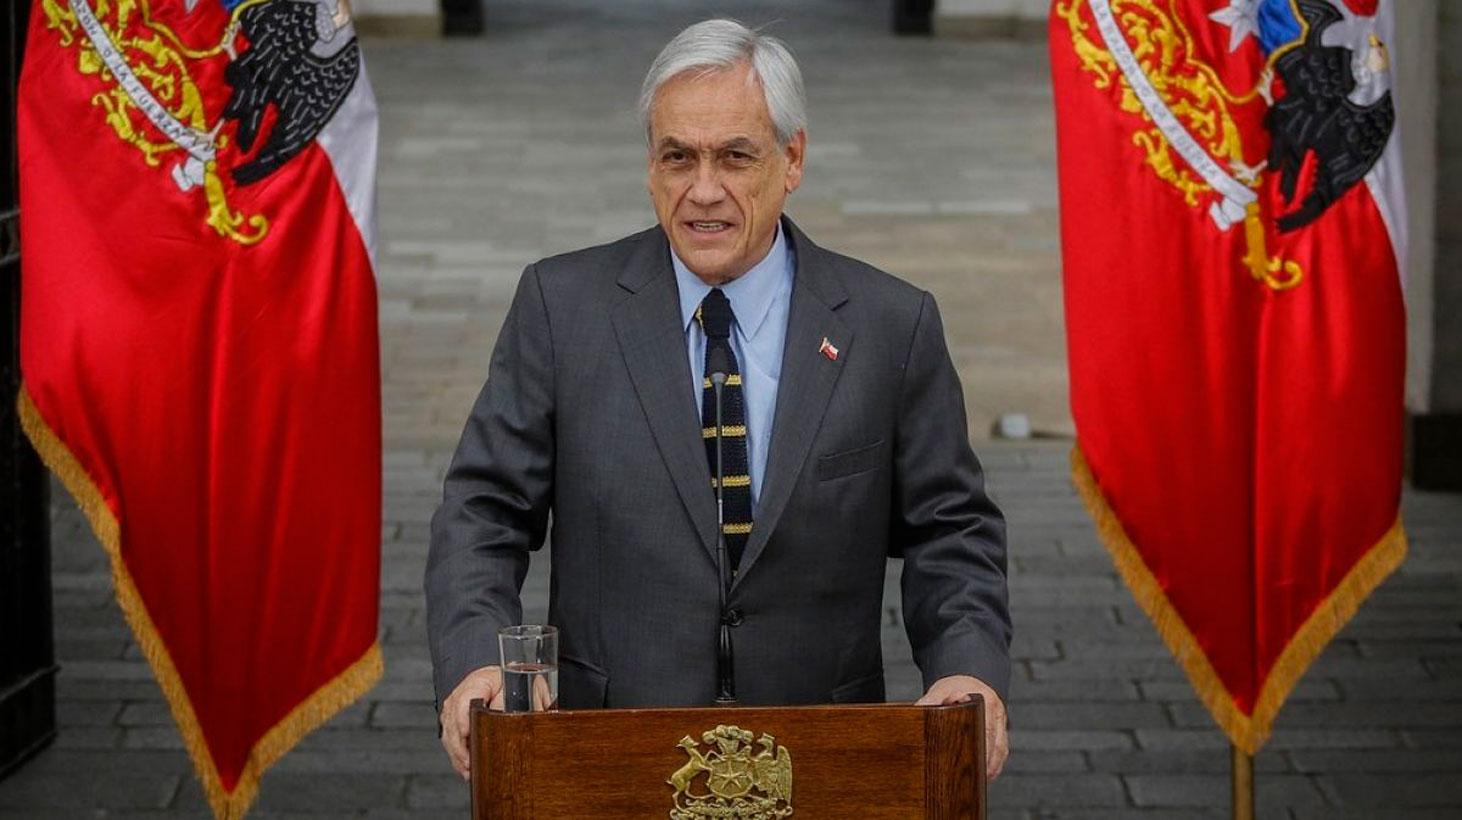 Medios internacionales destacan a Krino en su análisis sobre Sebastián Piñera